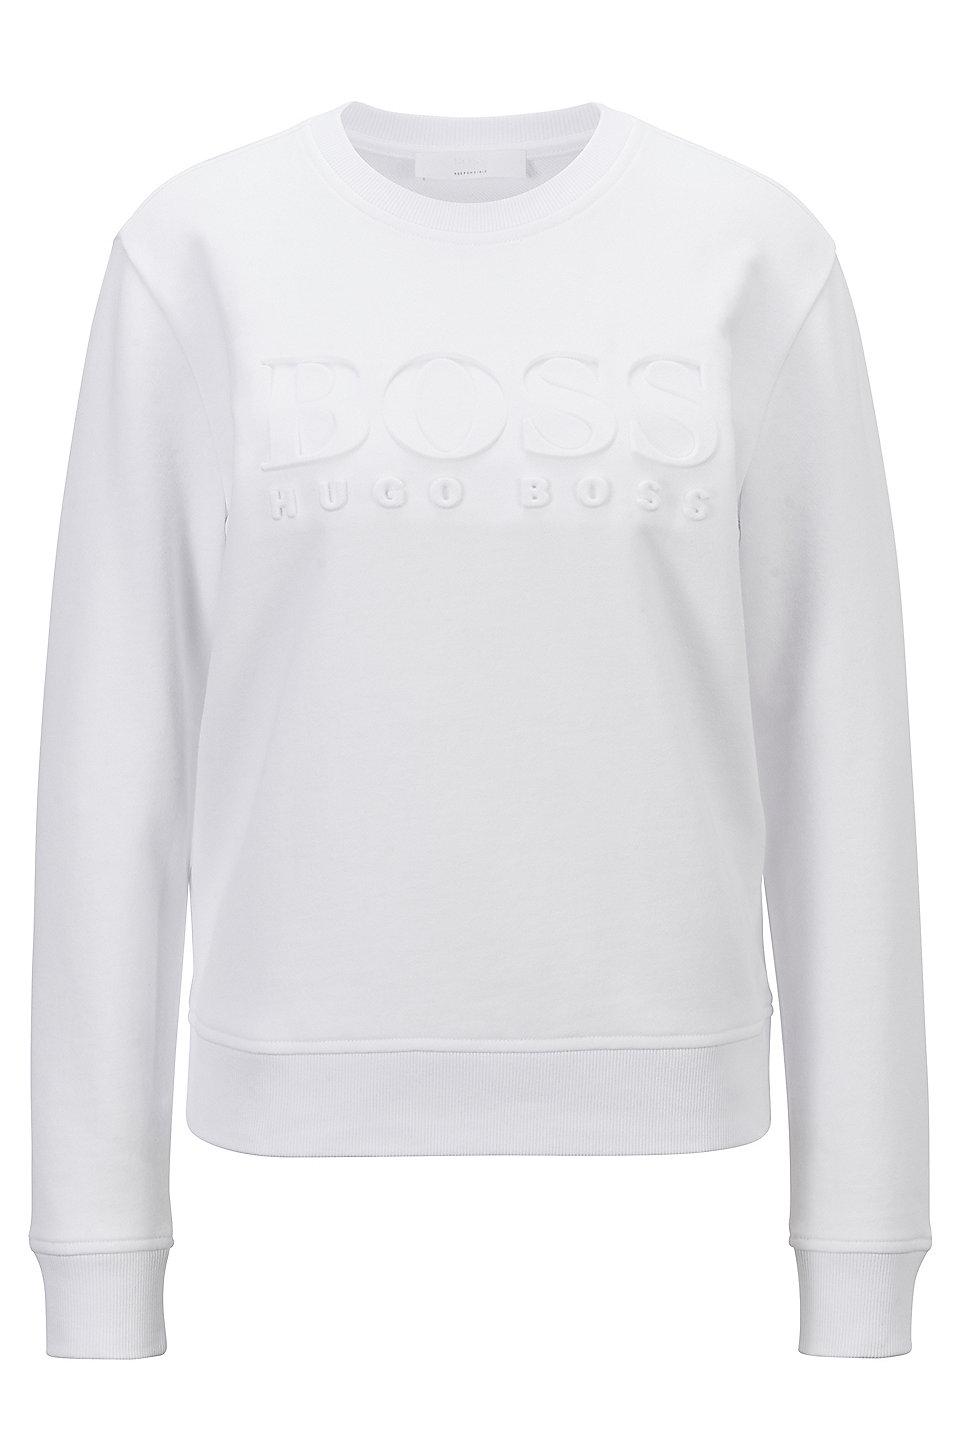 Hugo Boss Heritage Navy Short Sleeve Hoodie Sweatshirt 403 50409380